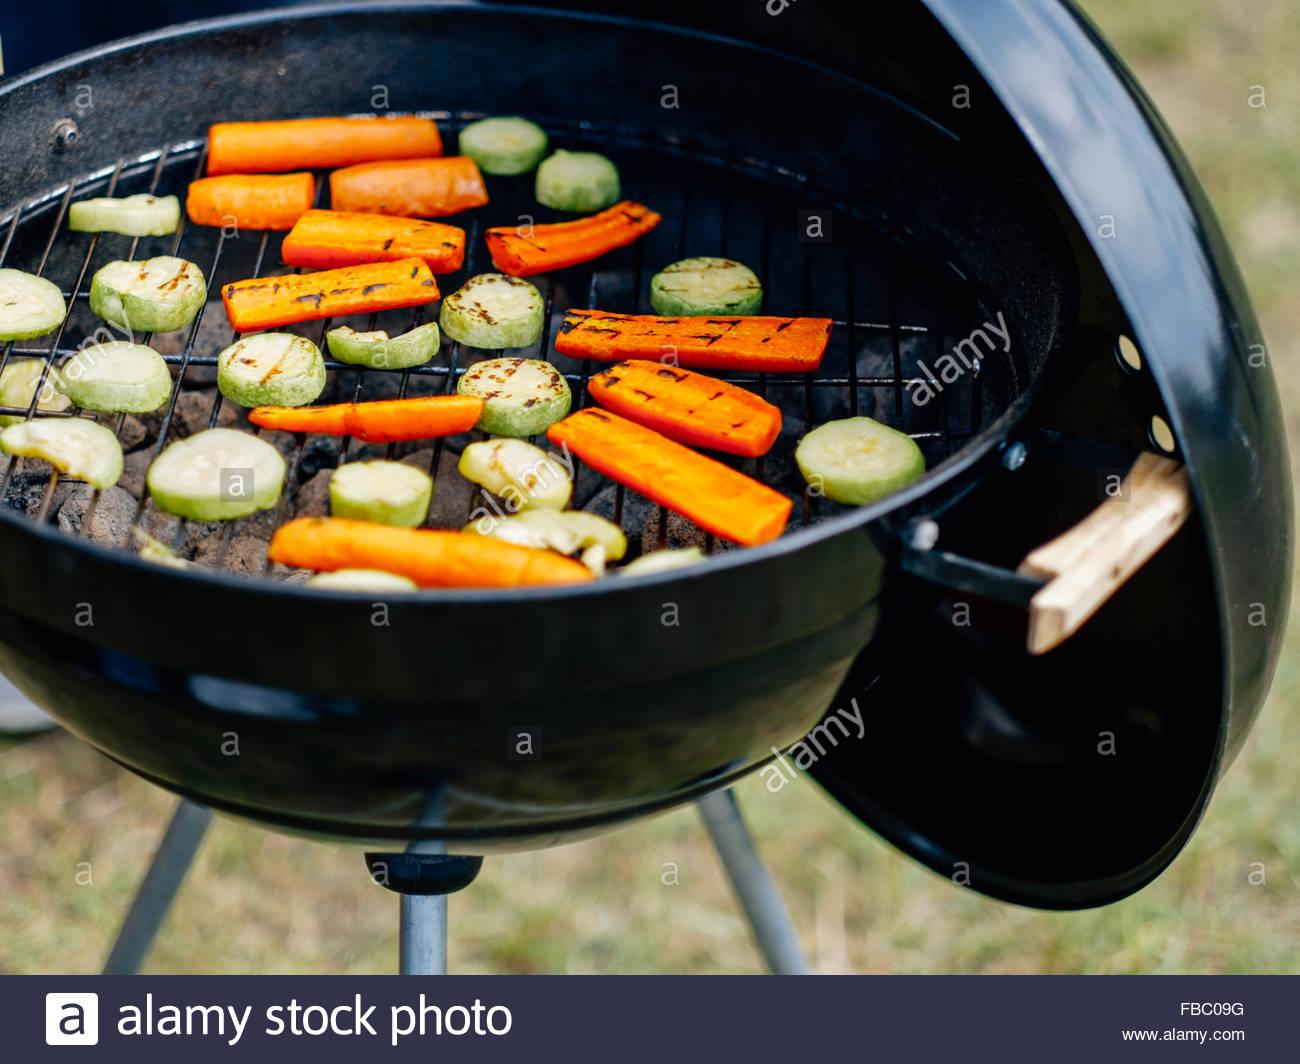 Aprire il grill pieno di carote e zucchine Immagini Stock